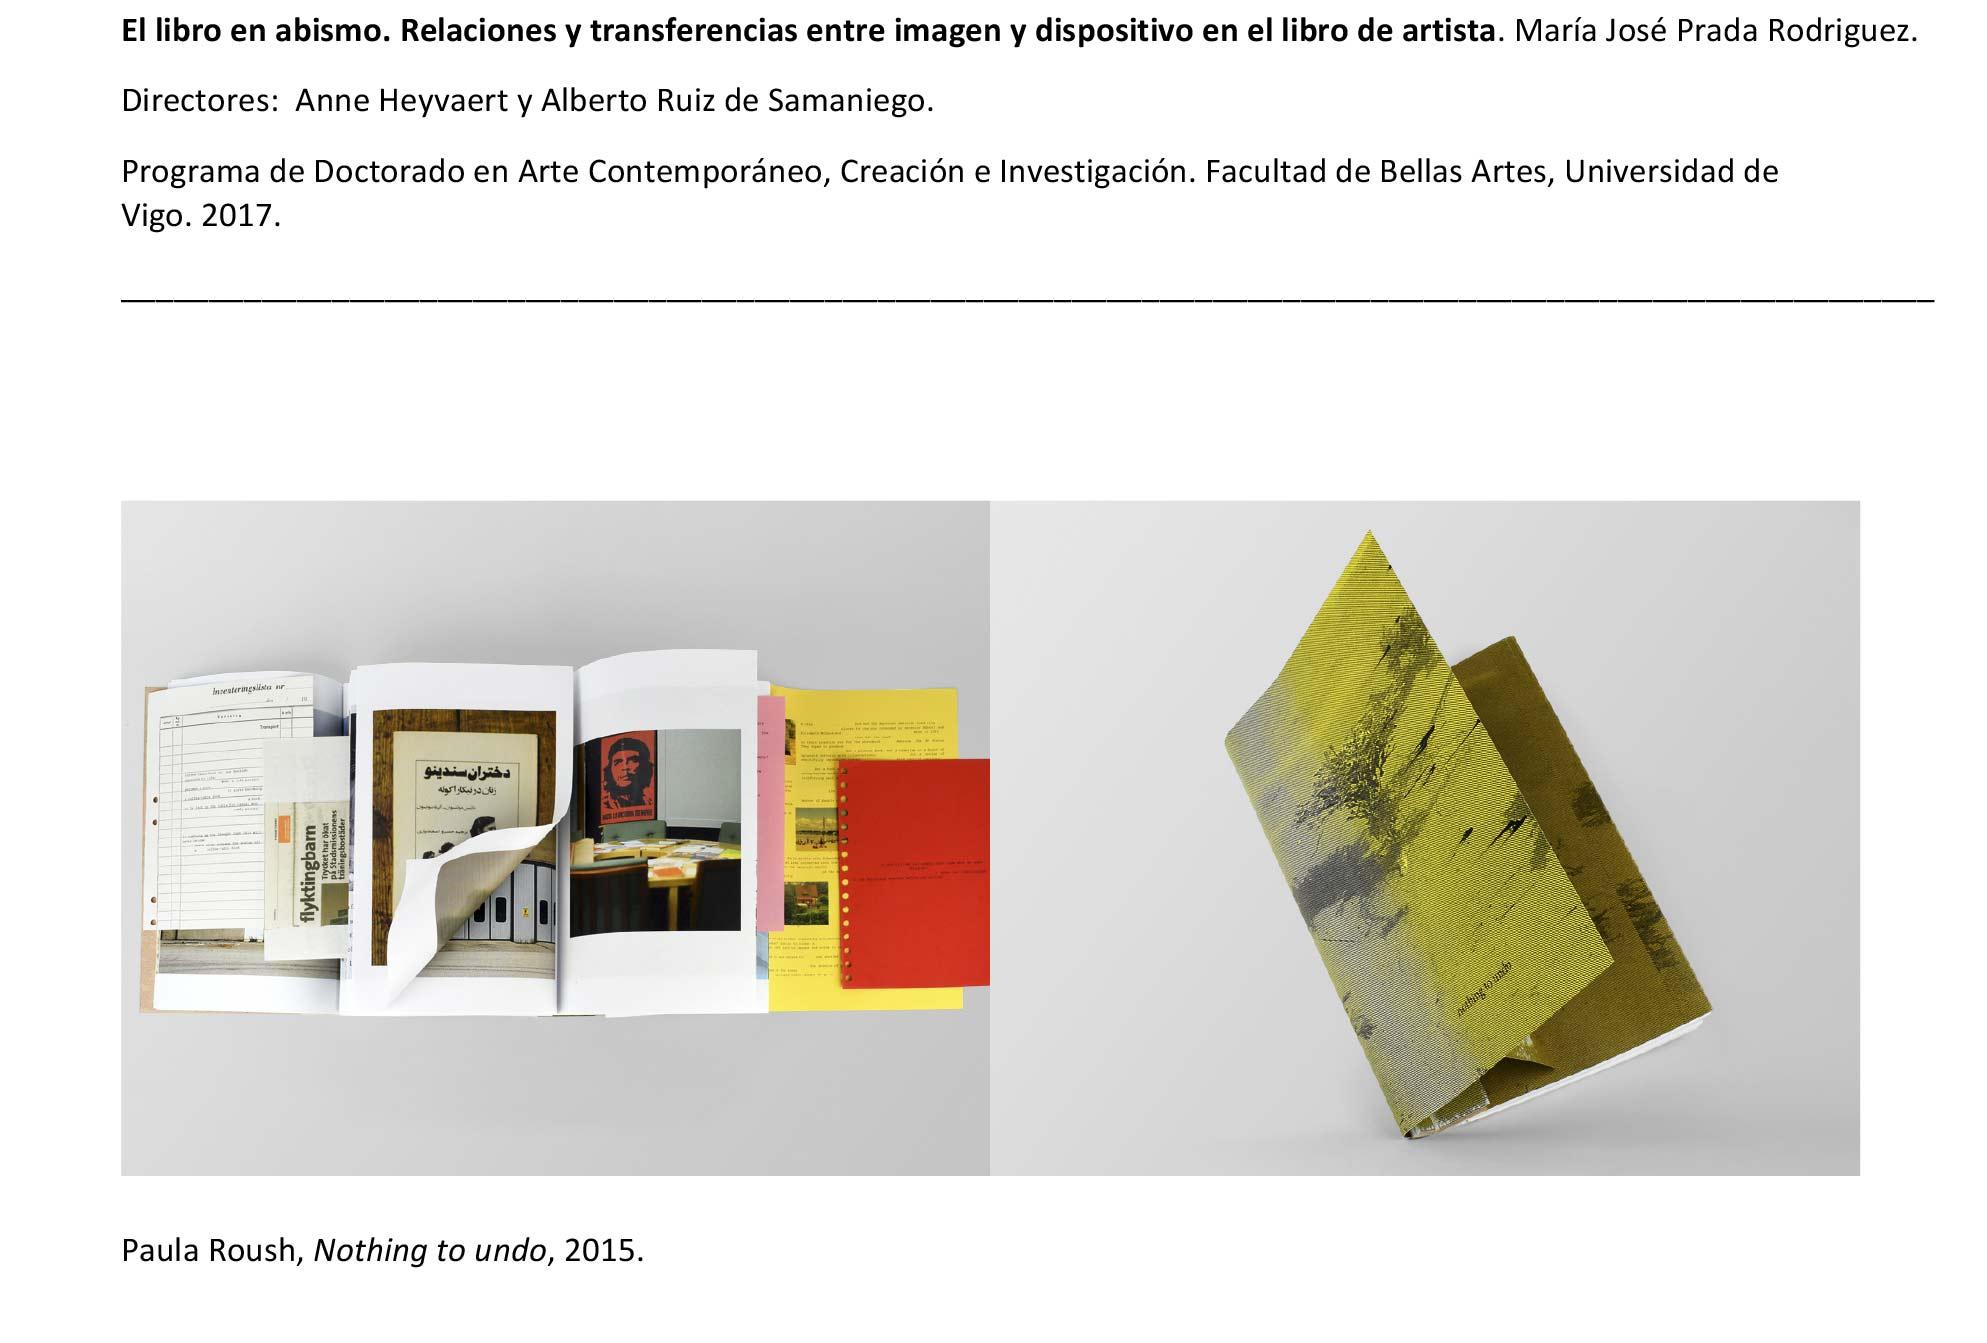 Maria-Prada-libro_abismo_relaciones_transferencias_imagen-108